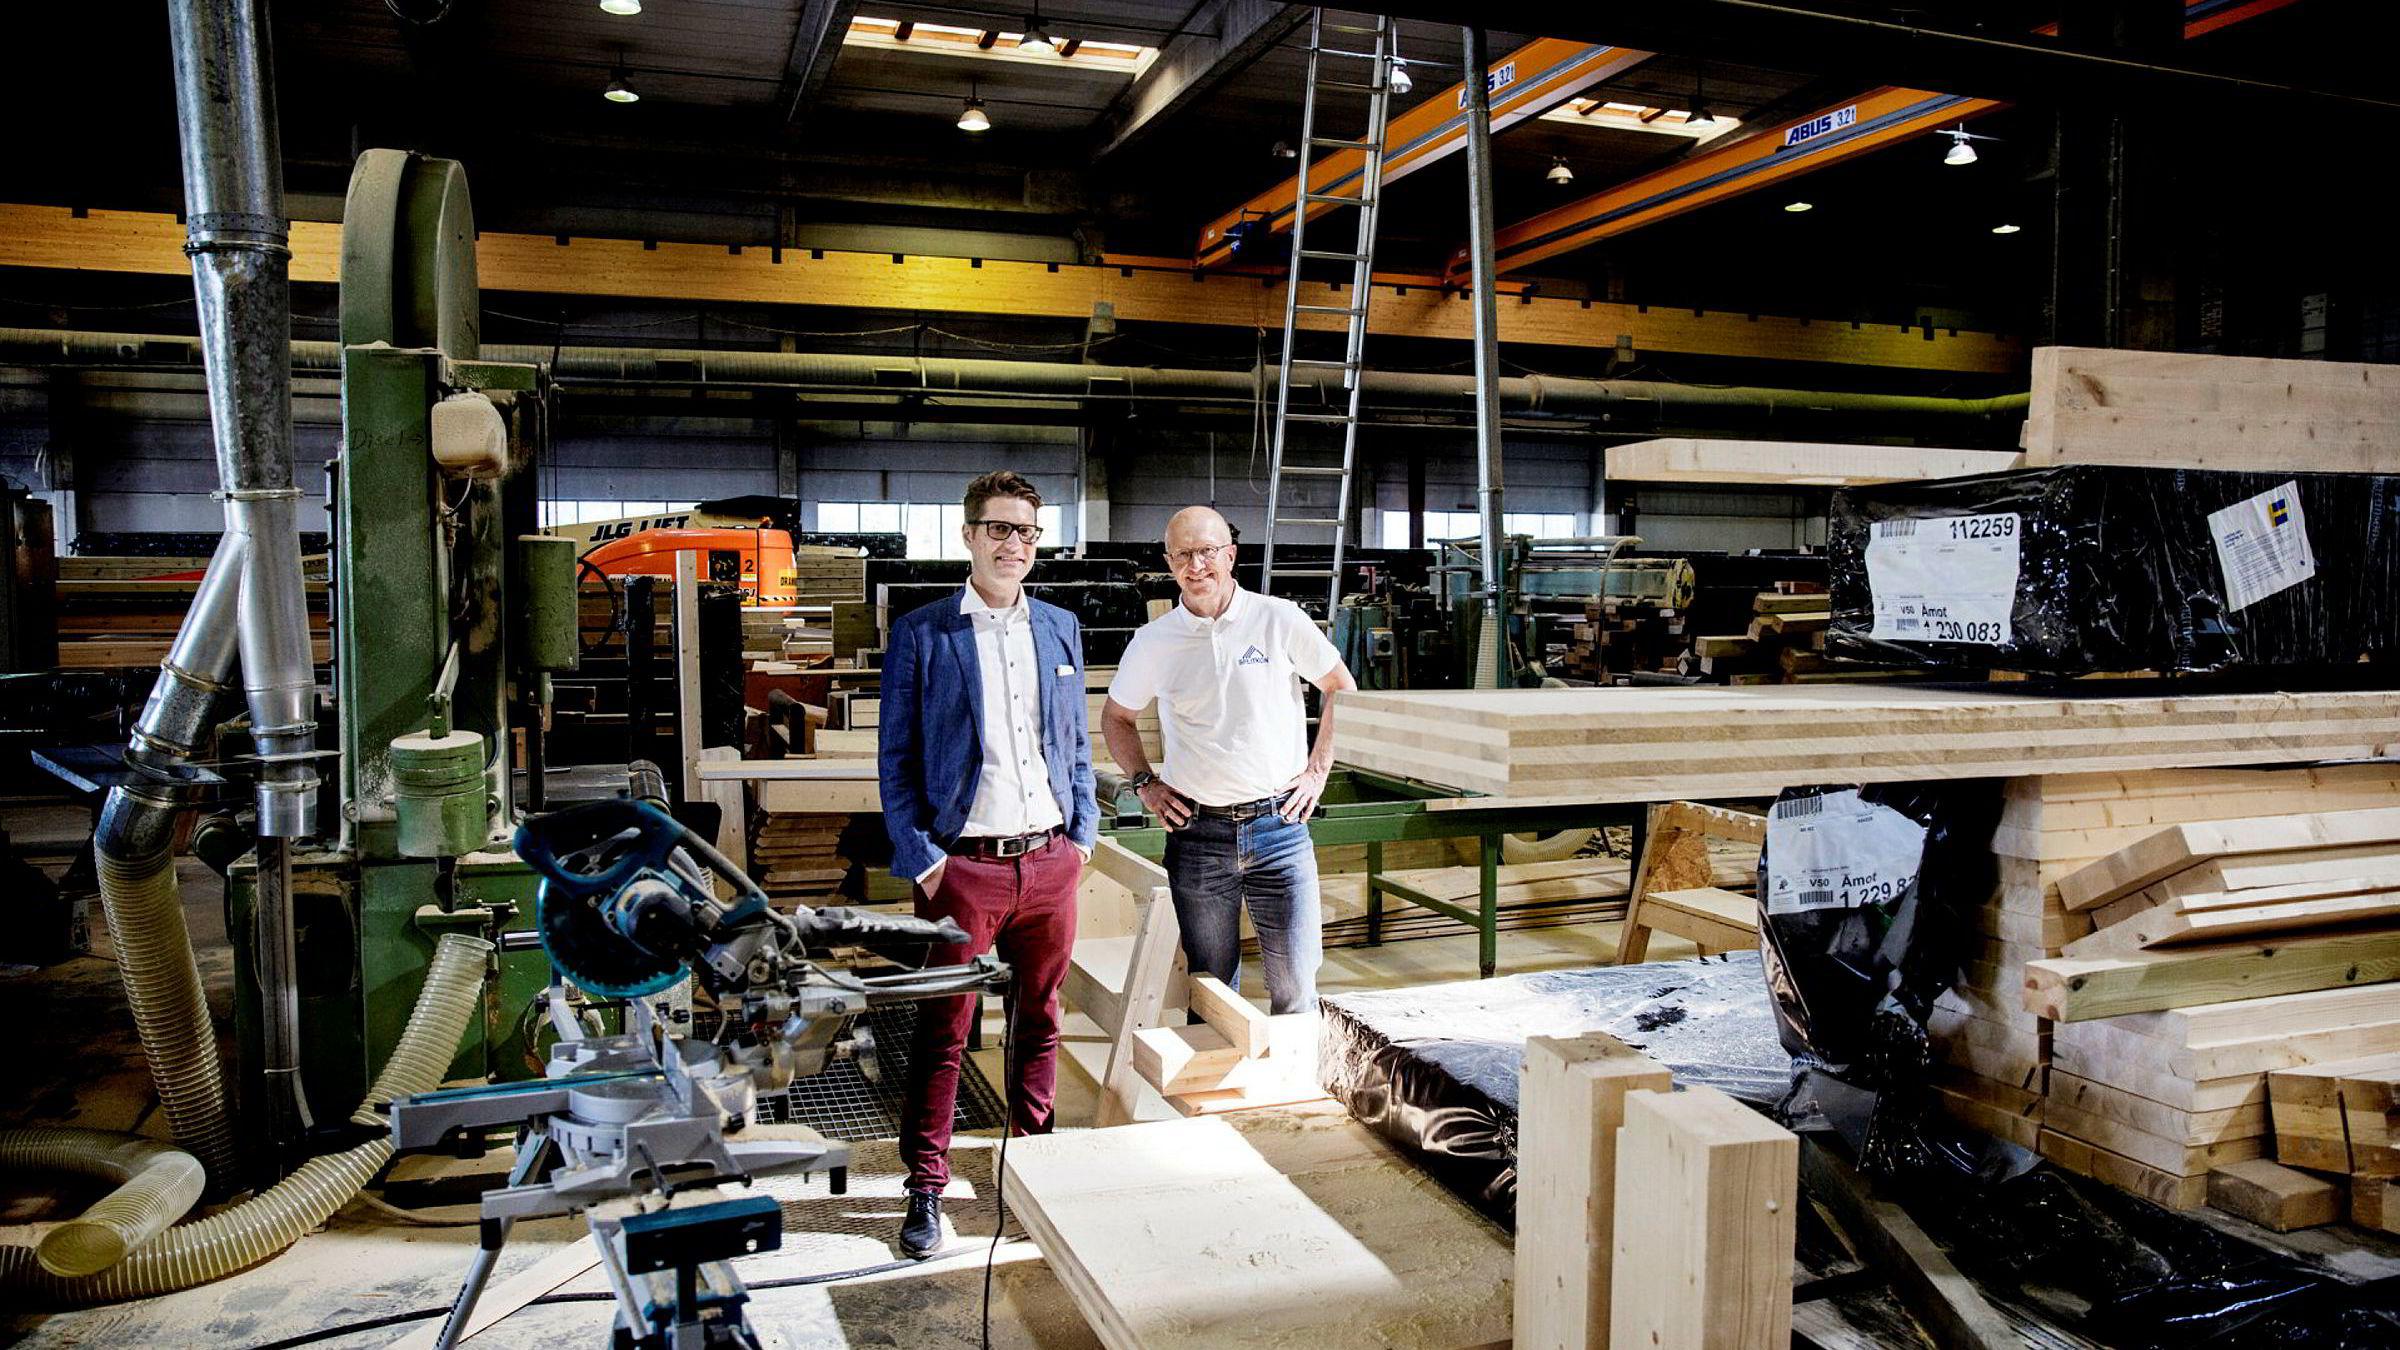 Styreleder Michael Sars Norum og daglig leder Morten L. Johansen i Splitkon i selskapets nåværende fabrikk.